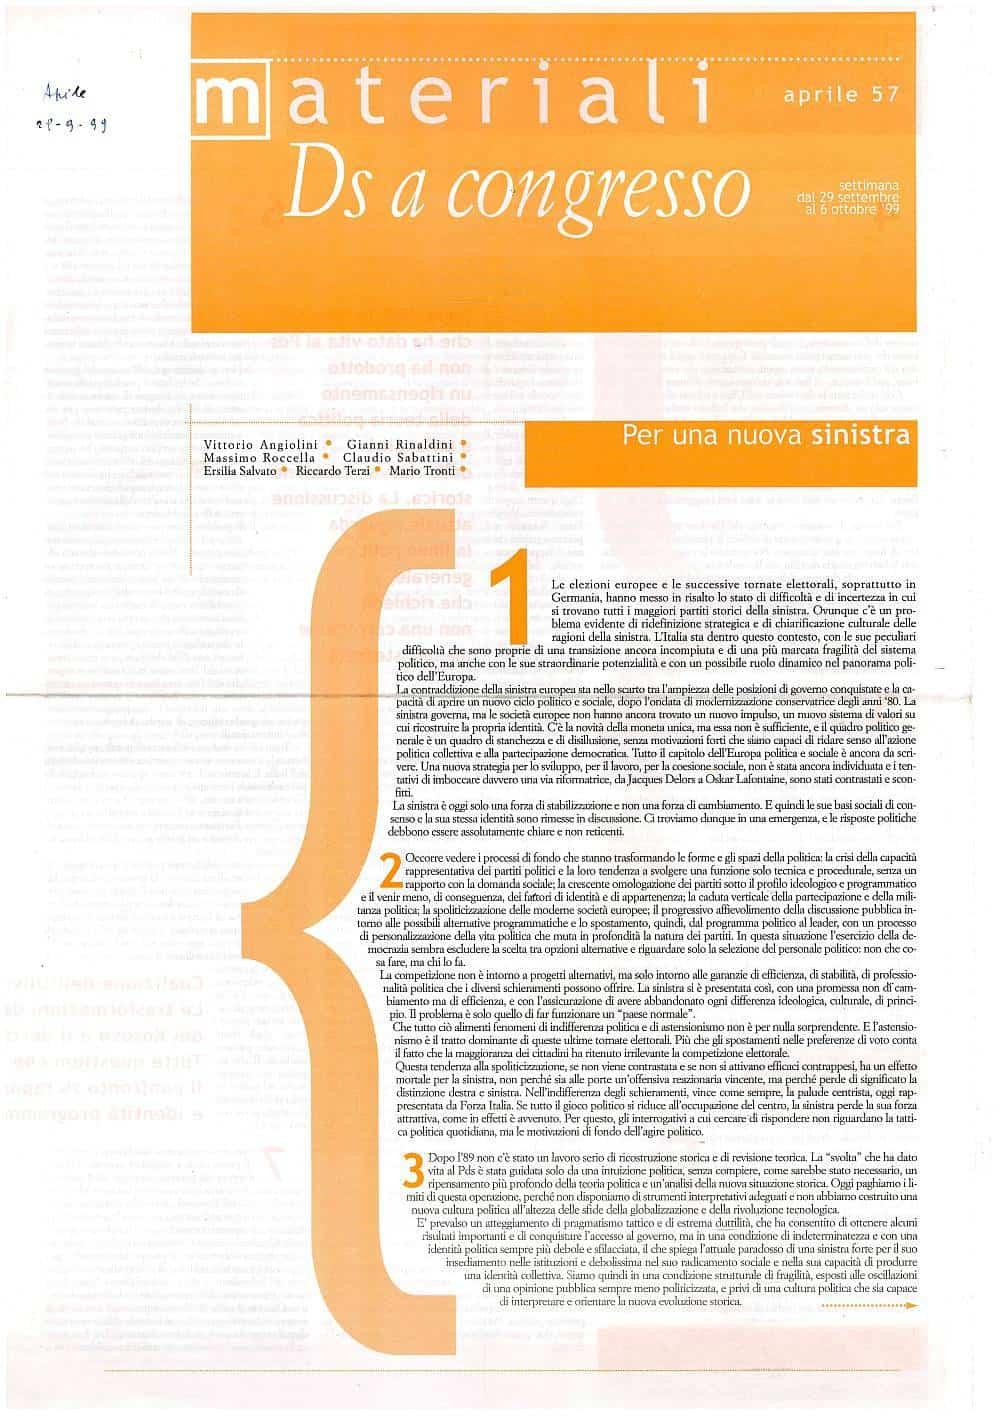 H6 - Materiali DS a congresso